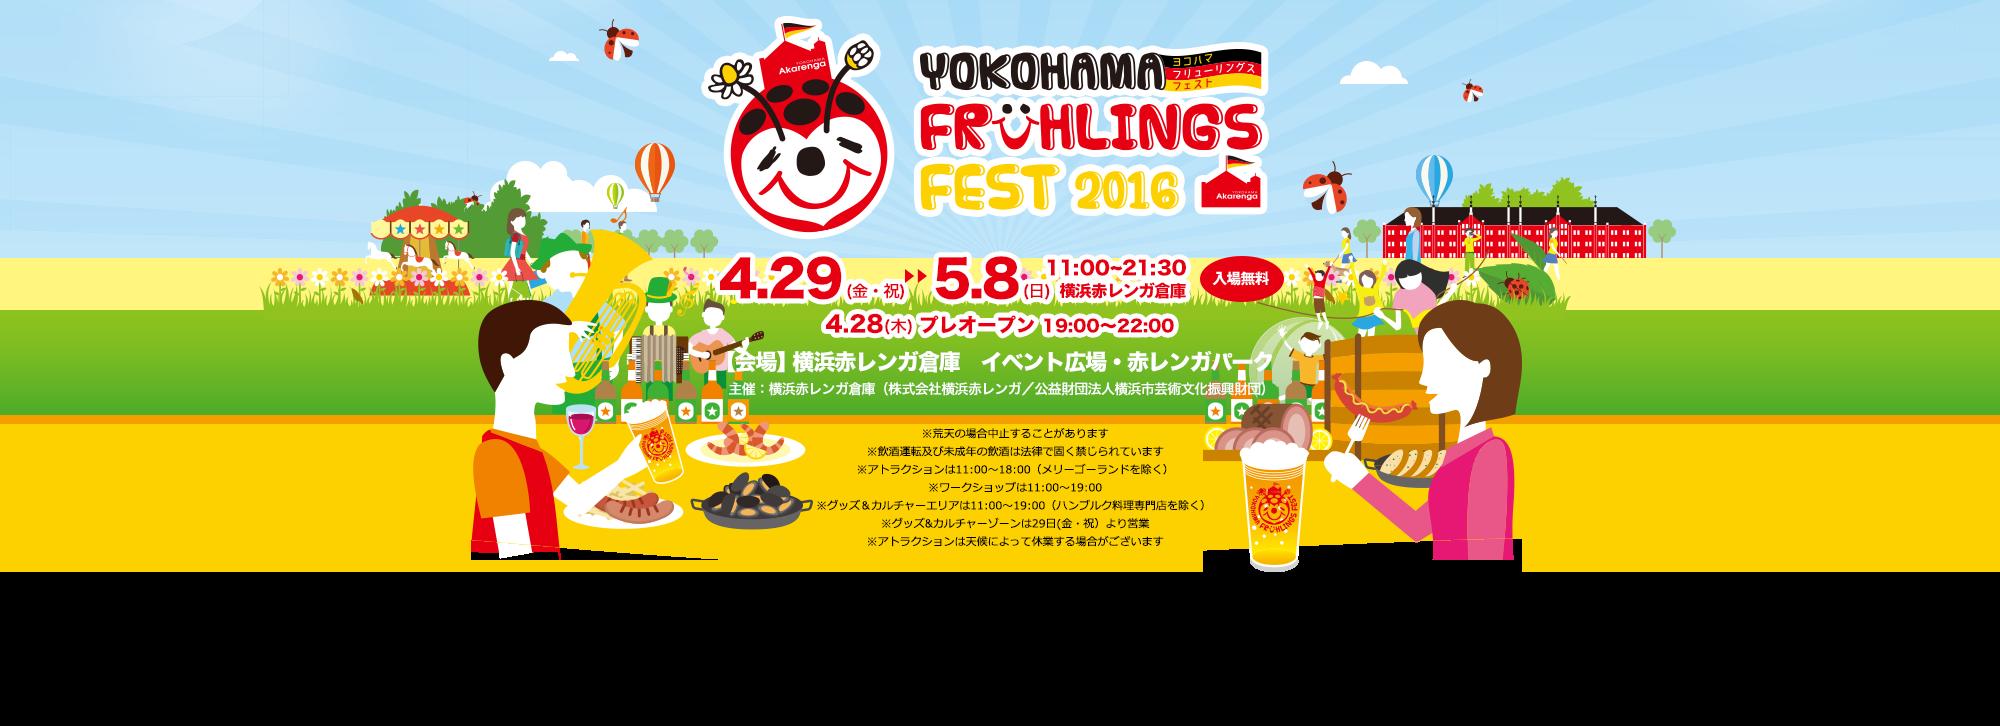 横浜赤レンガ倉庫「ヨコハマ・フリューリングス・フェスト2016」2016/4/29~5/8